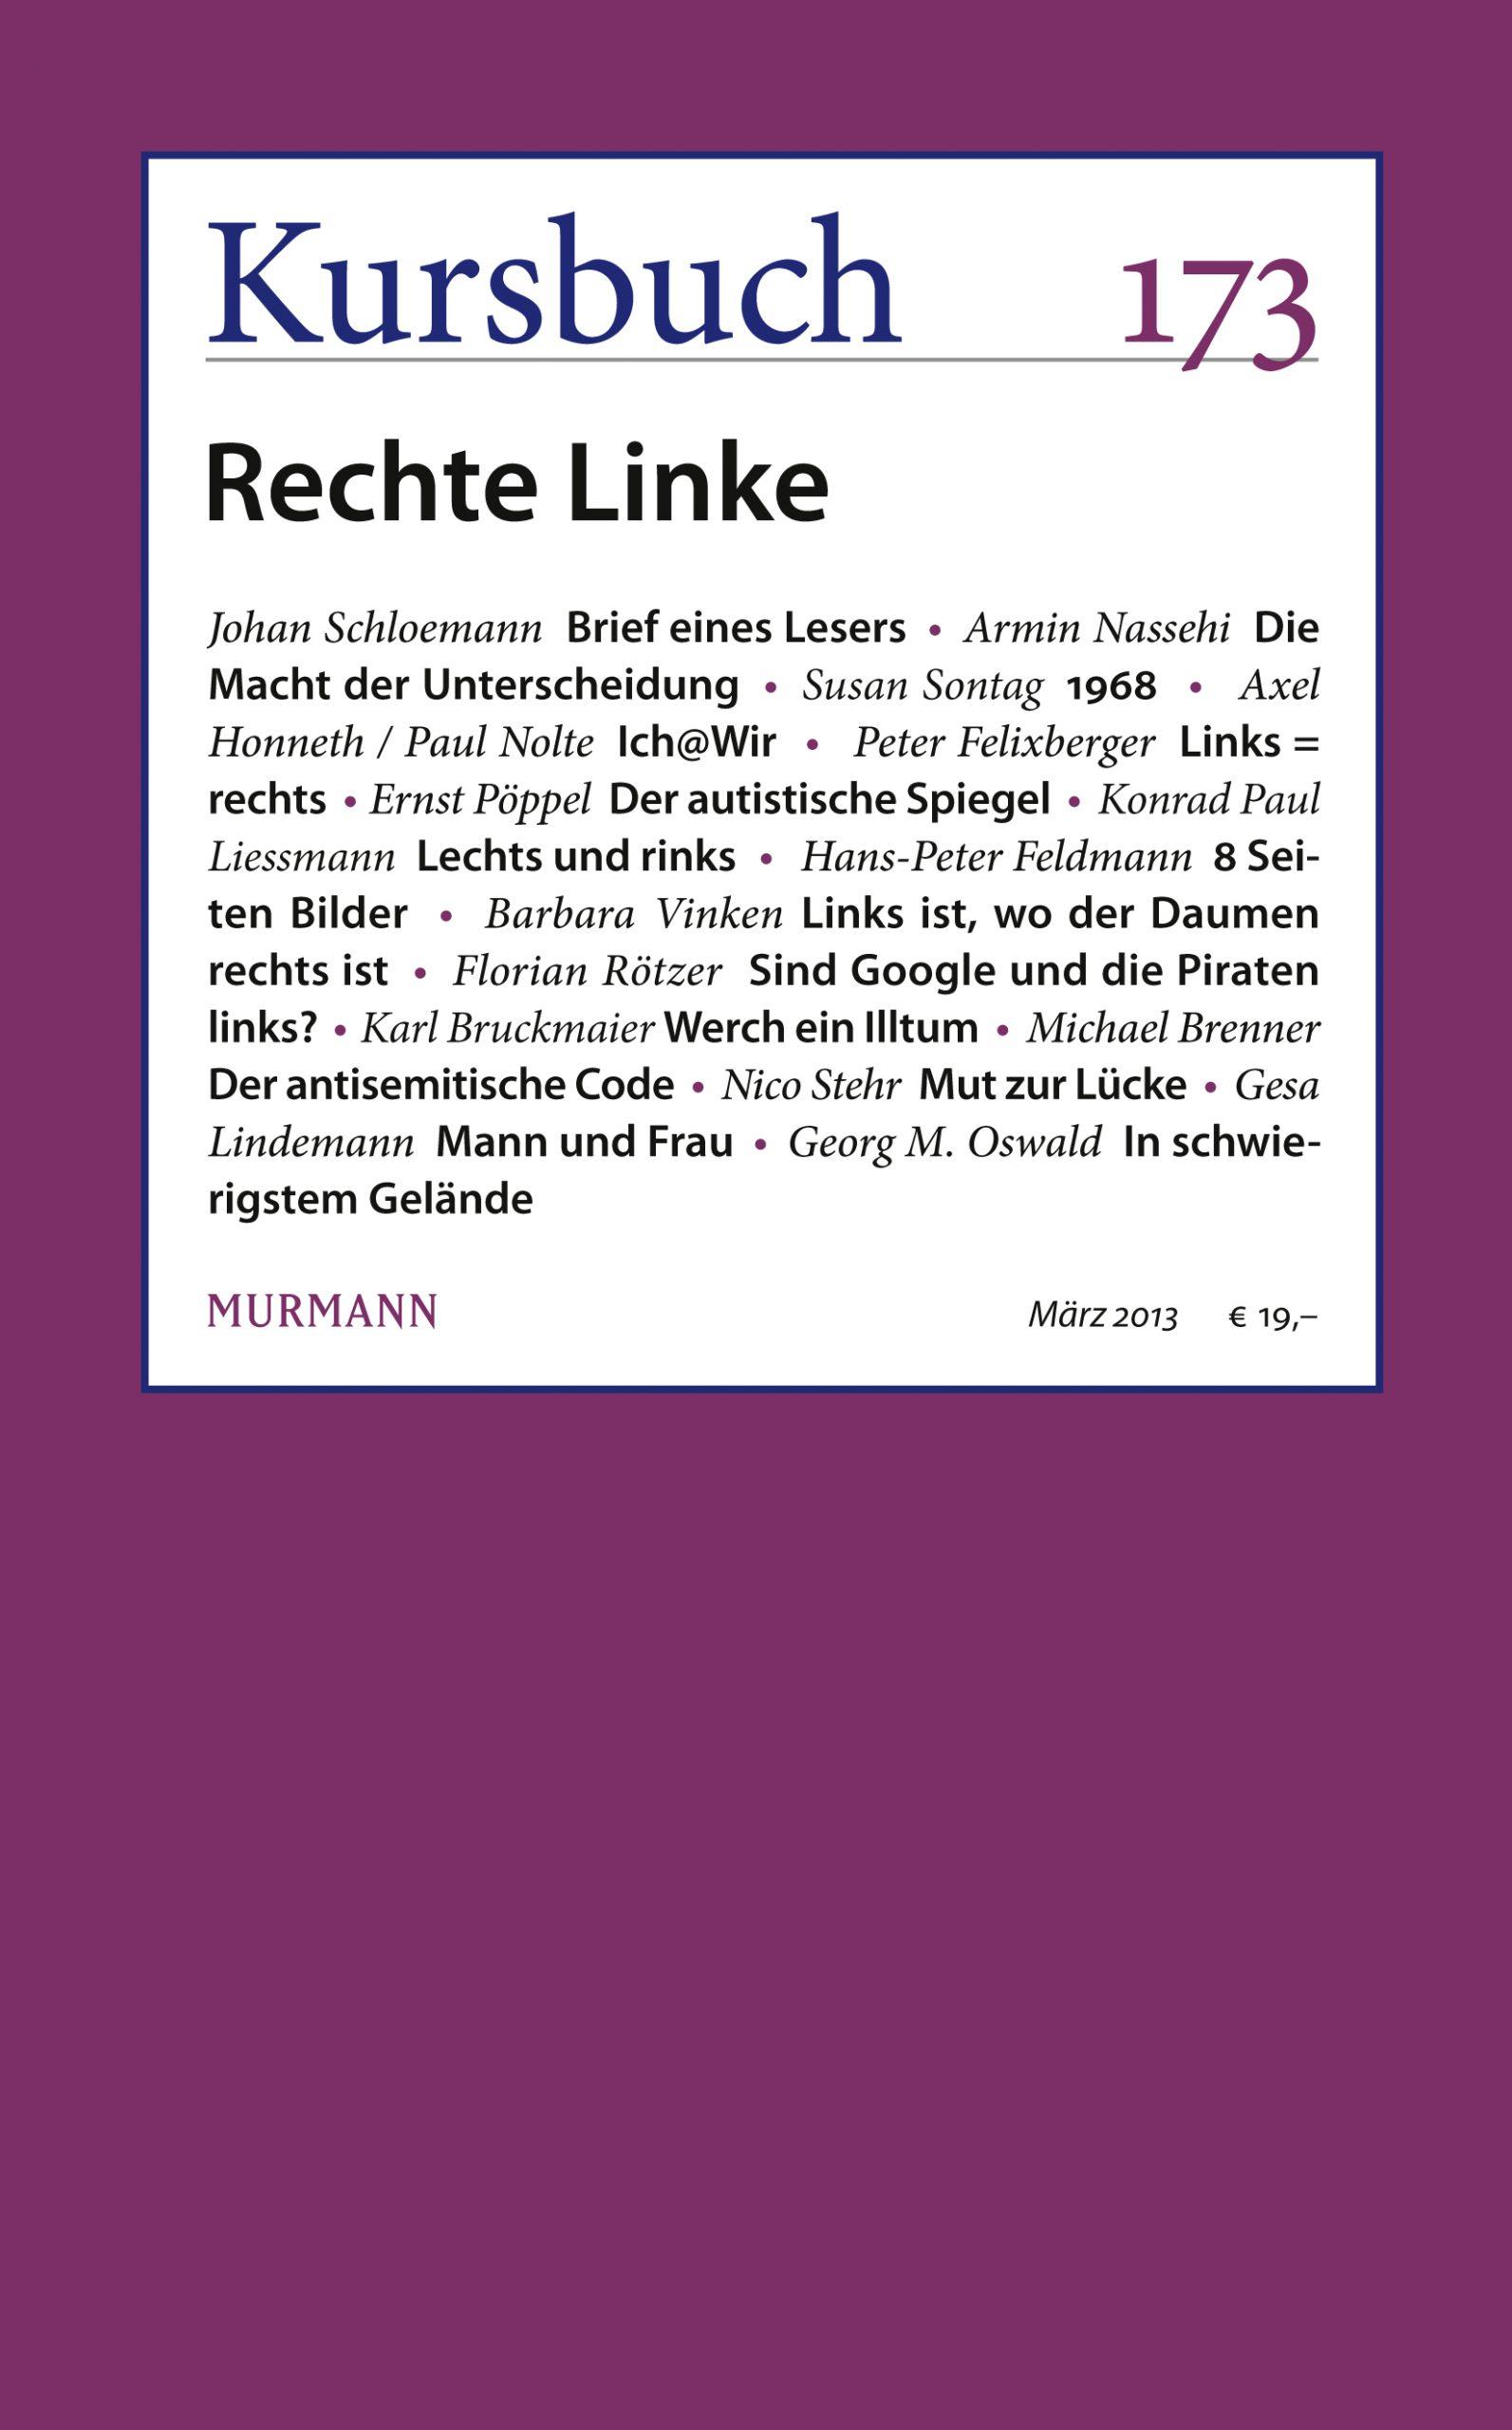 Kursbuch 173 – Editorial